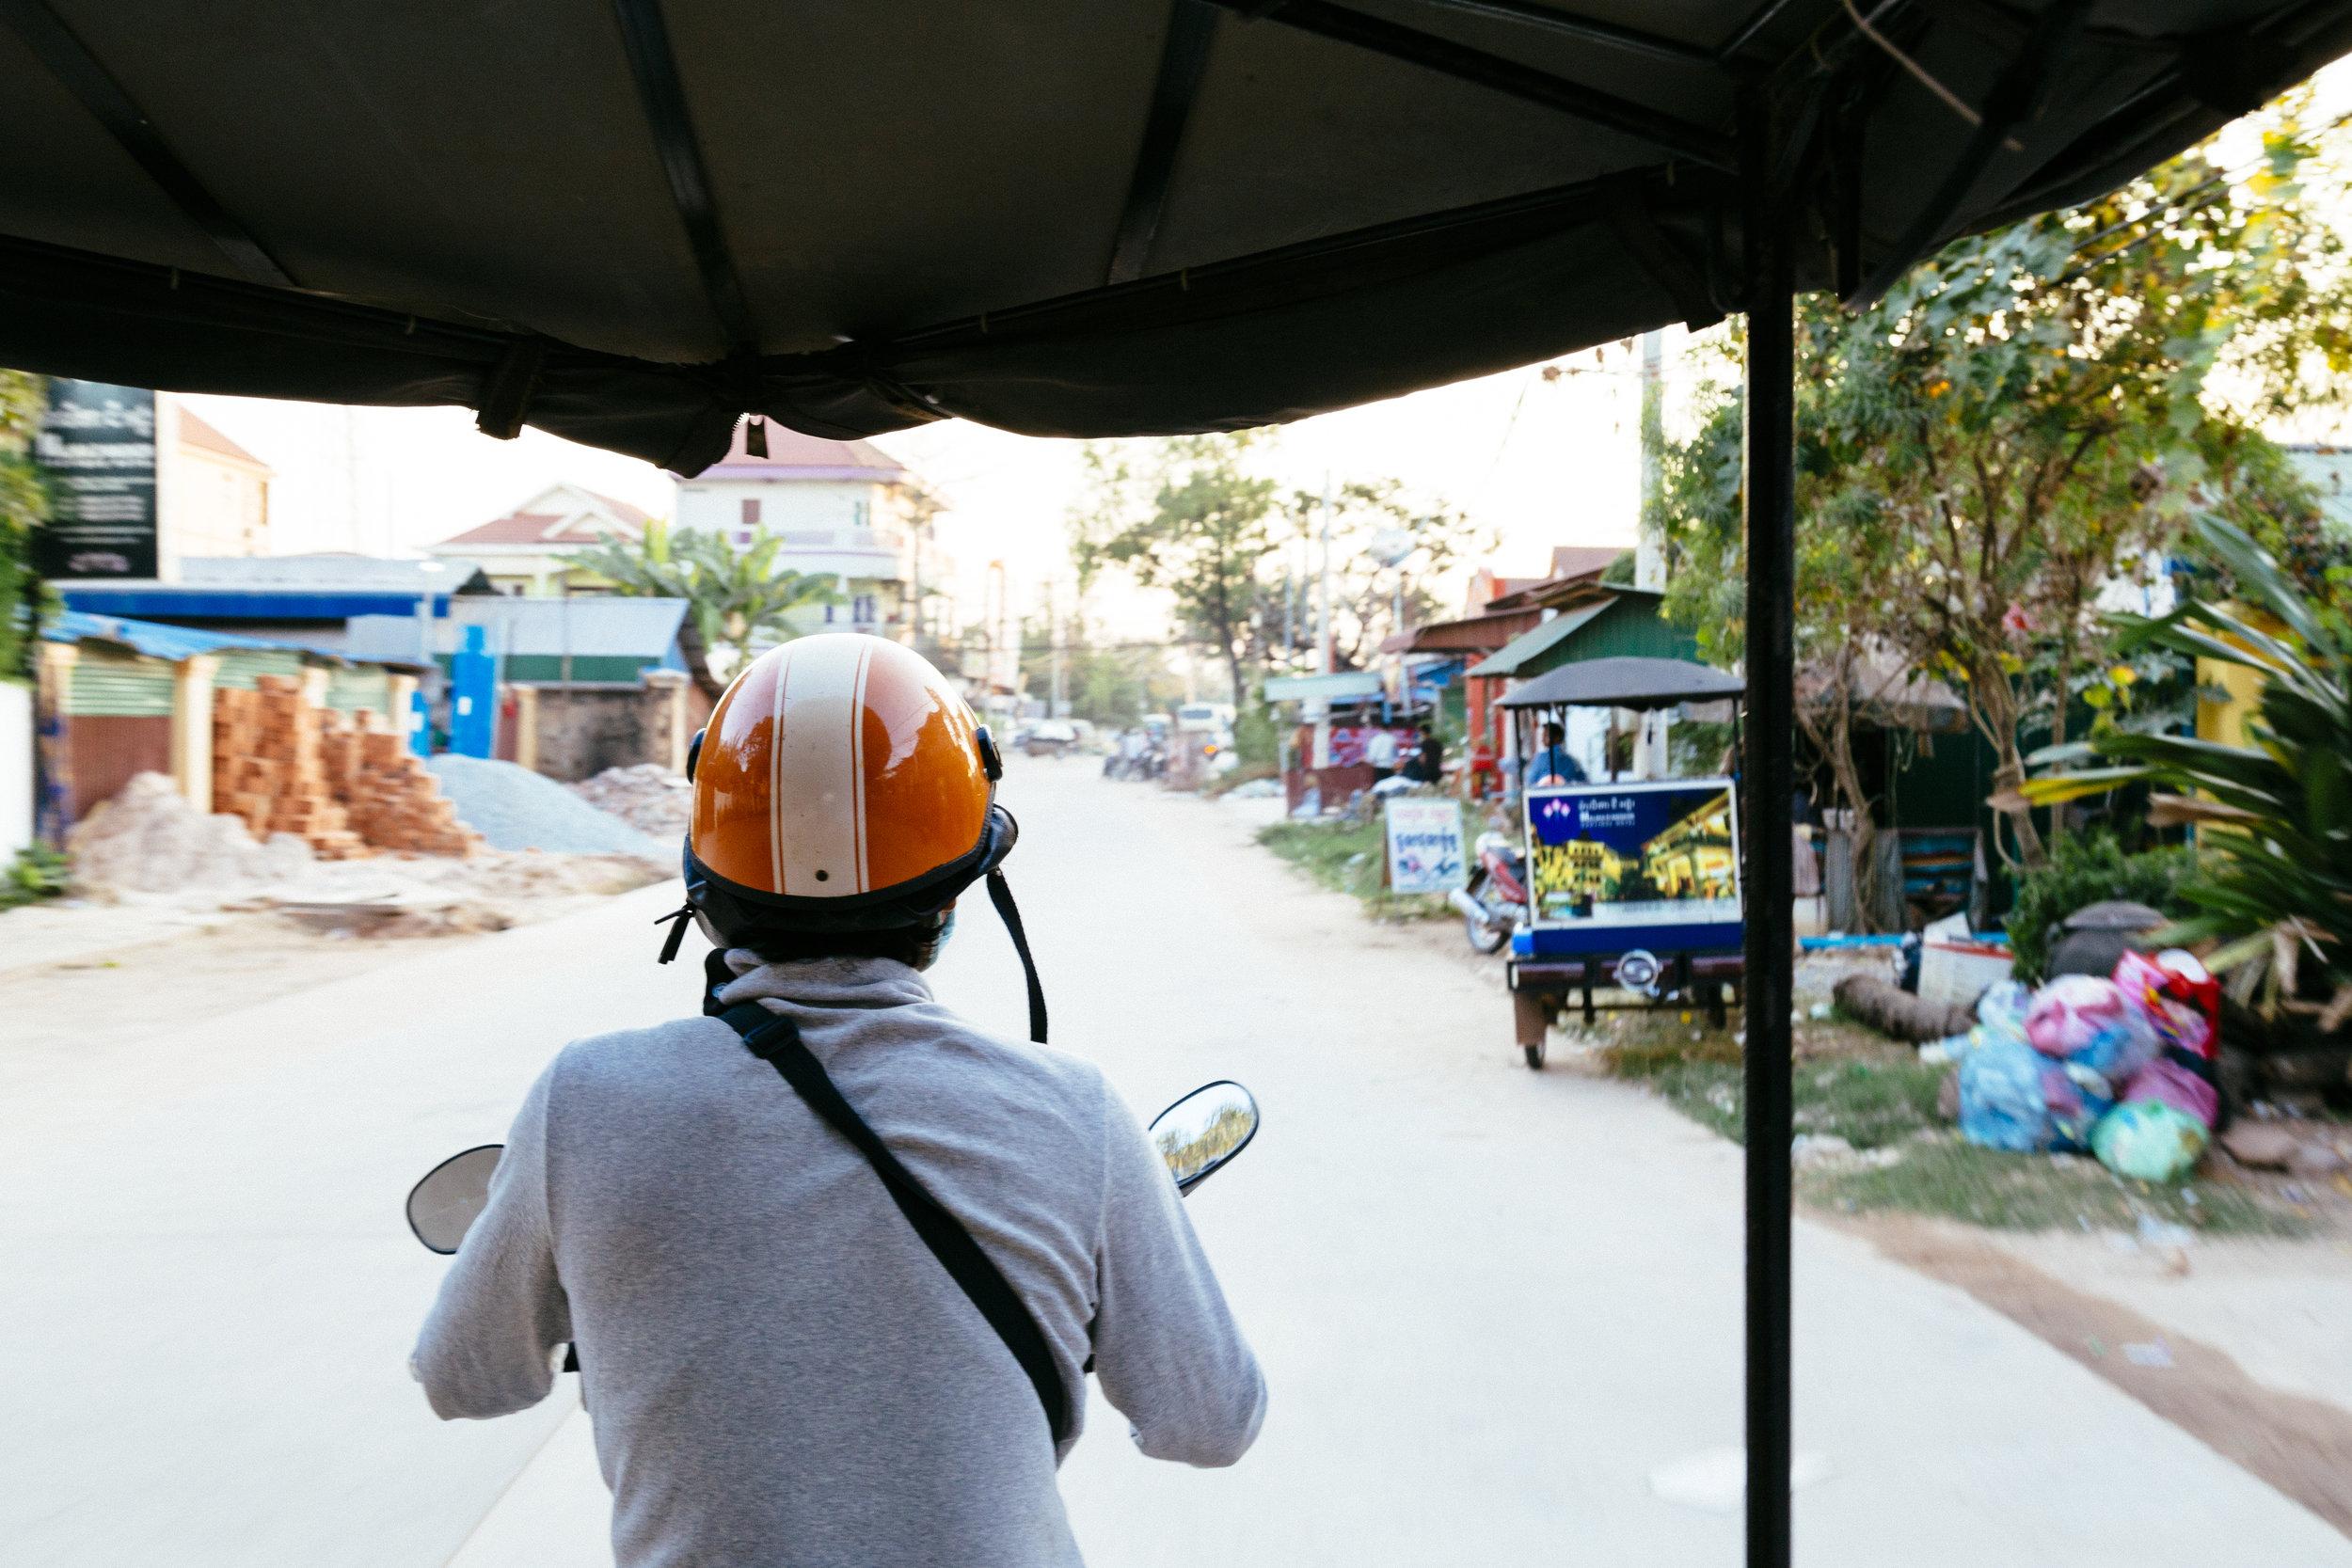 Tuk Tuk in Siem Reap